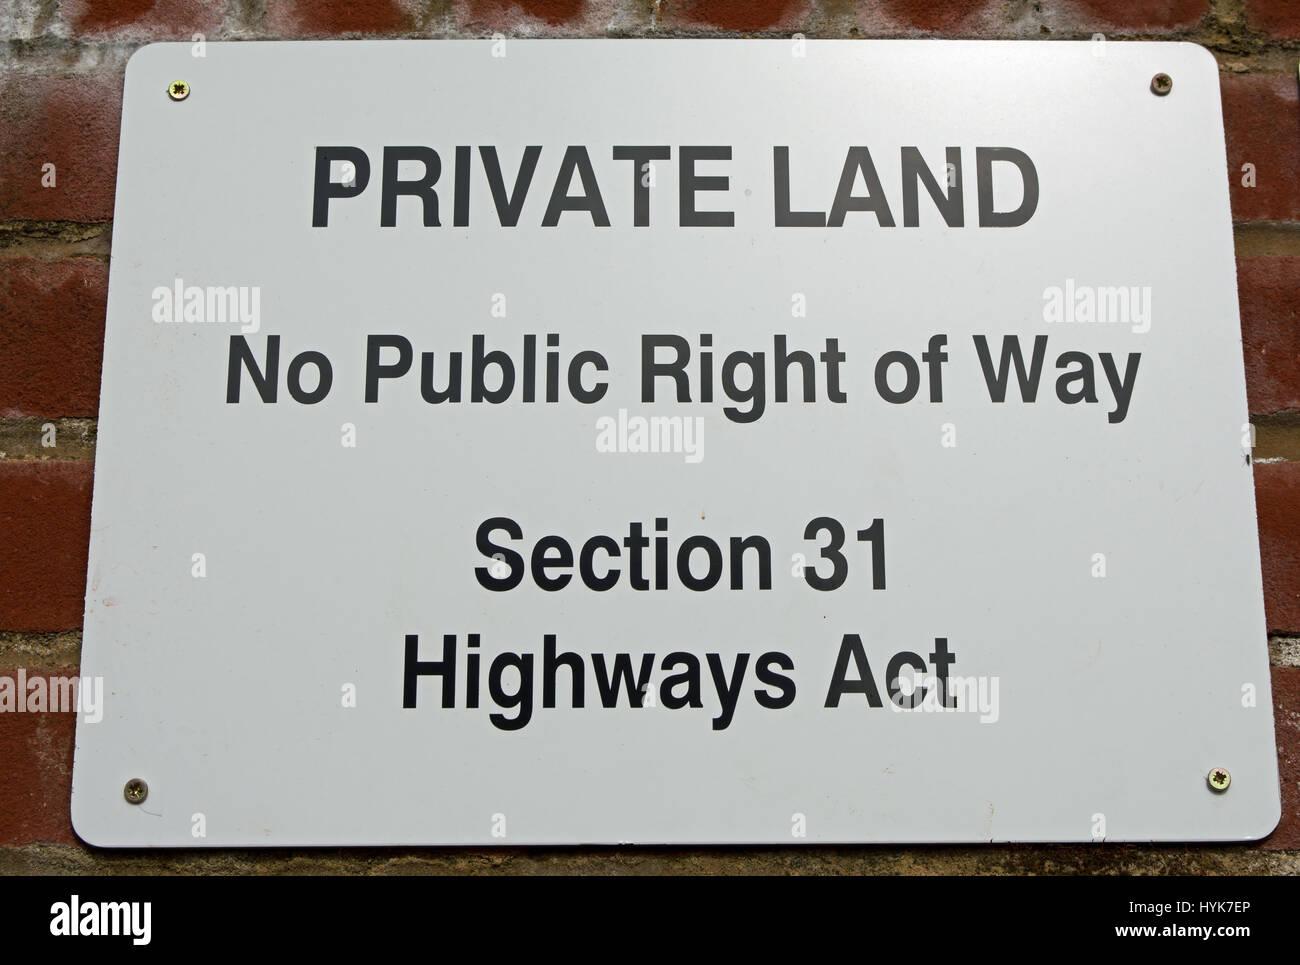 Segno indicante un terreno privato, nessun diritto del pubblico di modo, Sezione 31 autostrade atto, a Twickenham, Immagini Stock